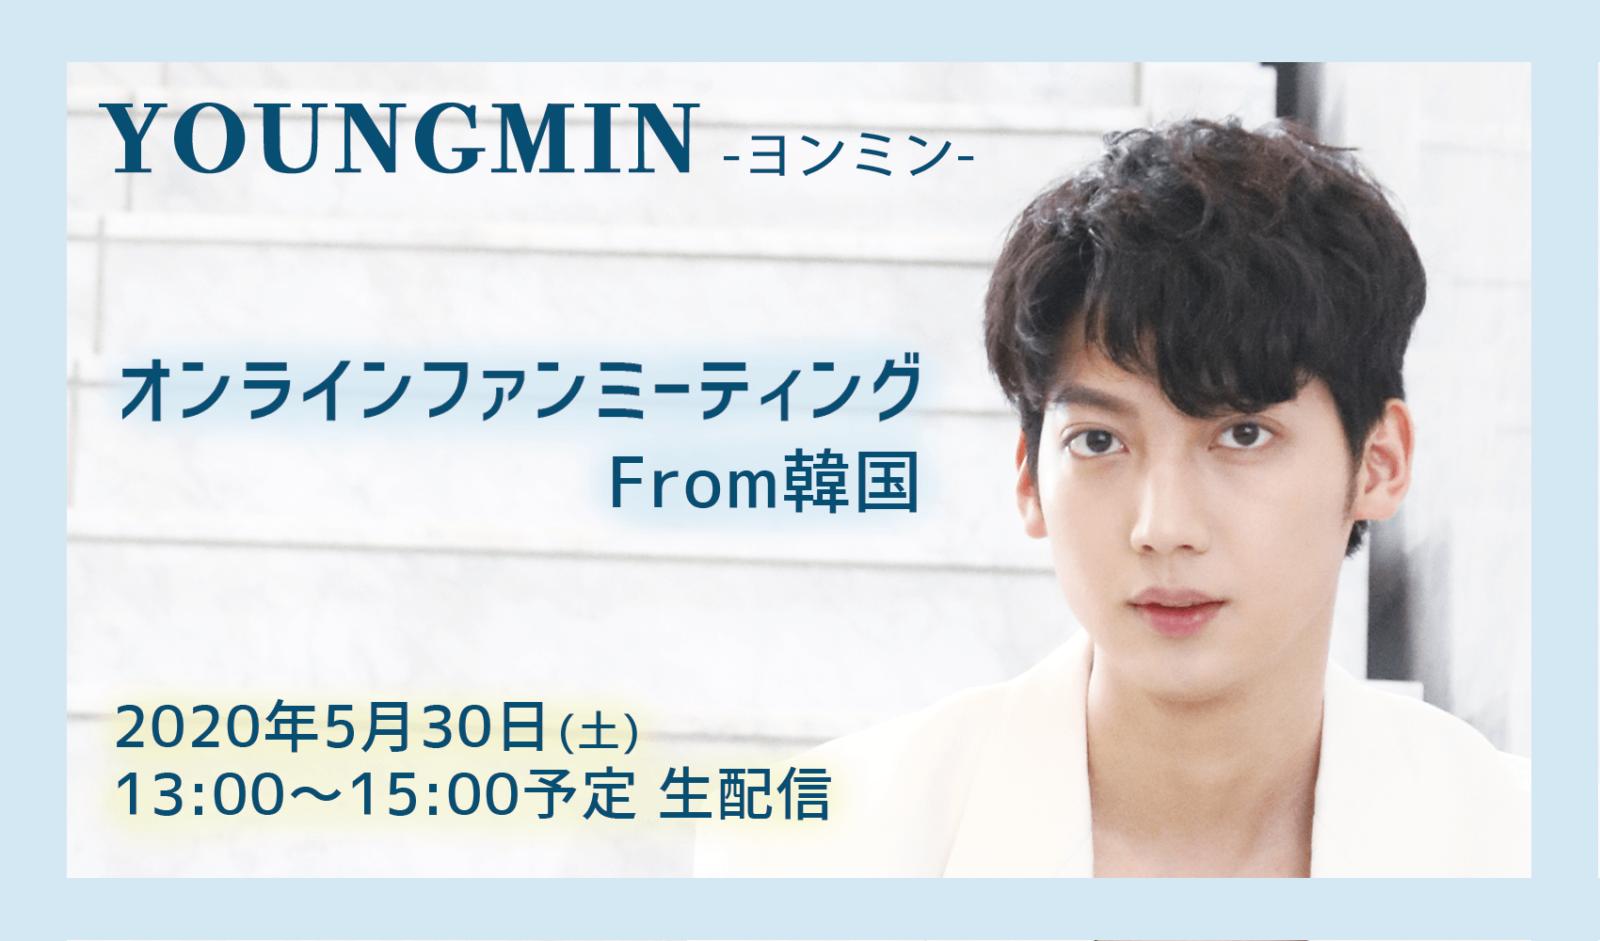 ヨンミン(元BOYFRIEND)が韓国からオンラインファンミーティングを生配信サムネイル画像